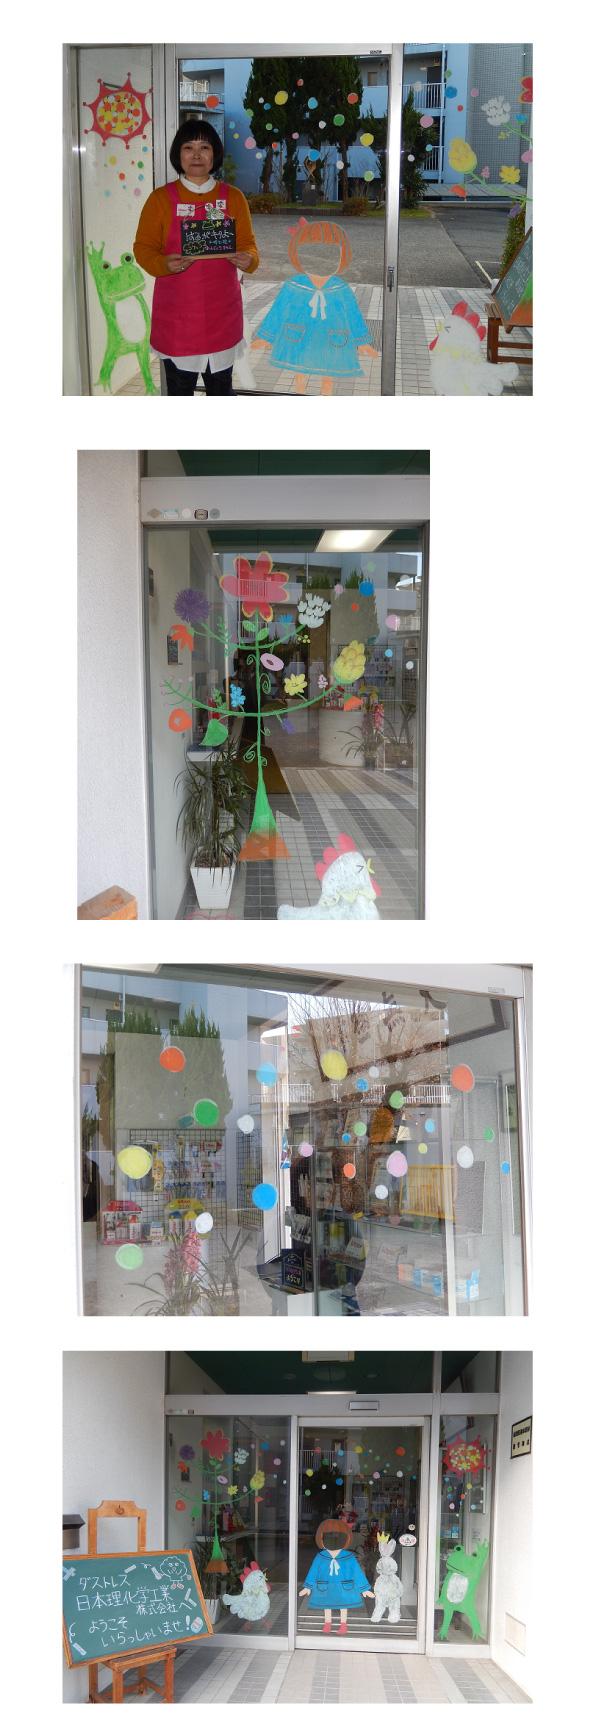 川崎工場ウインドーギャラリー第10弾 安生すみえさんの「コケッコー はるがキタよ〜」(2017年1月11日〜)